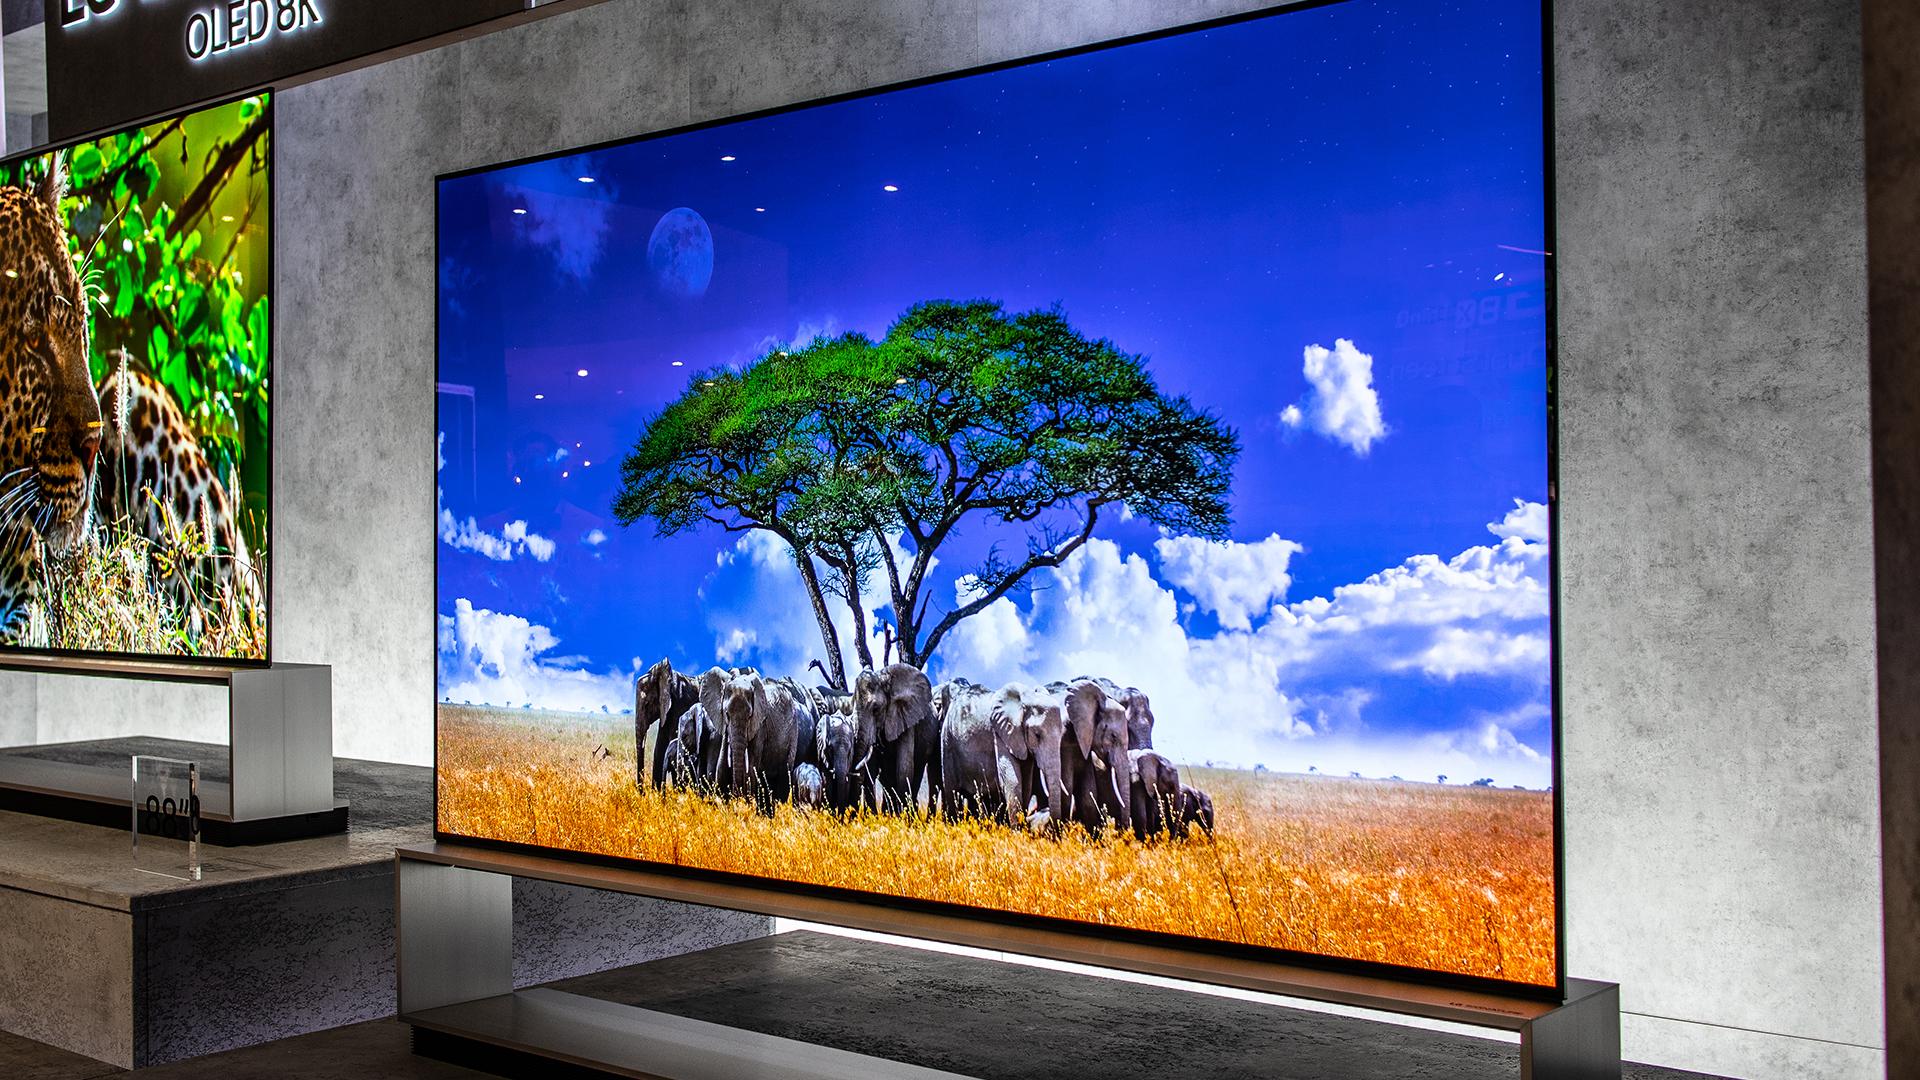 Fernseher mit HDR-Technologie